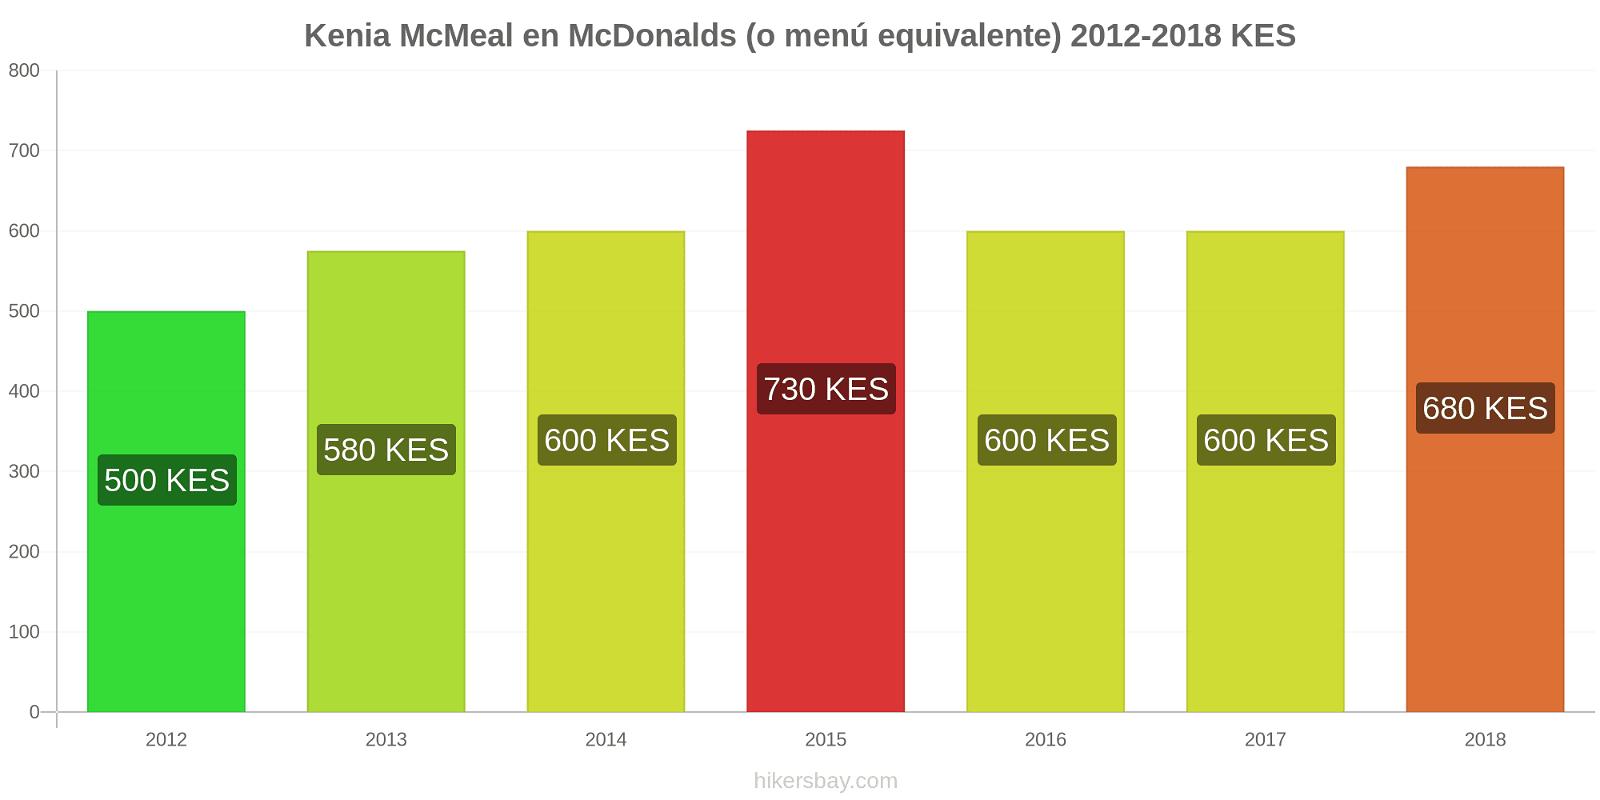 Kenia cambios de precios McMeal en McDonalds (o menú equivalente) hikersbay.com